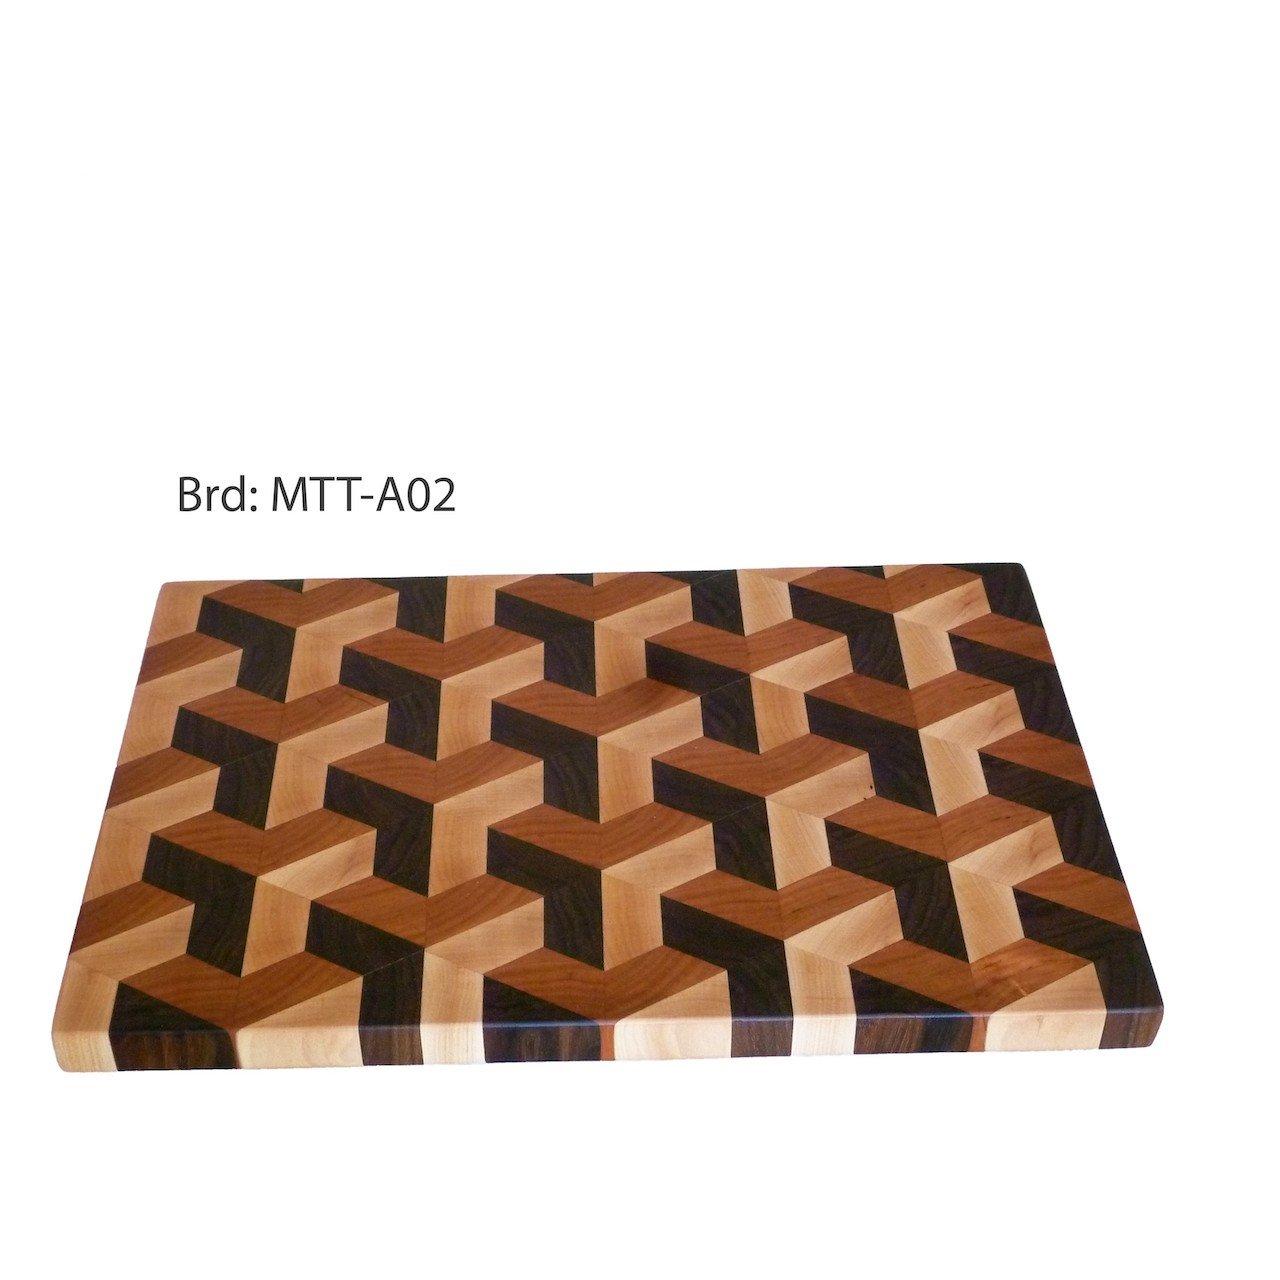 MTTT-A02